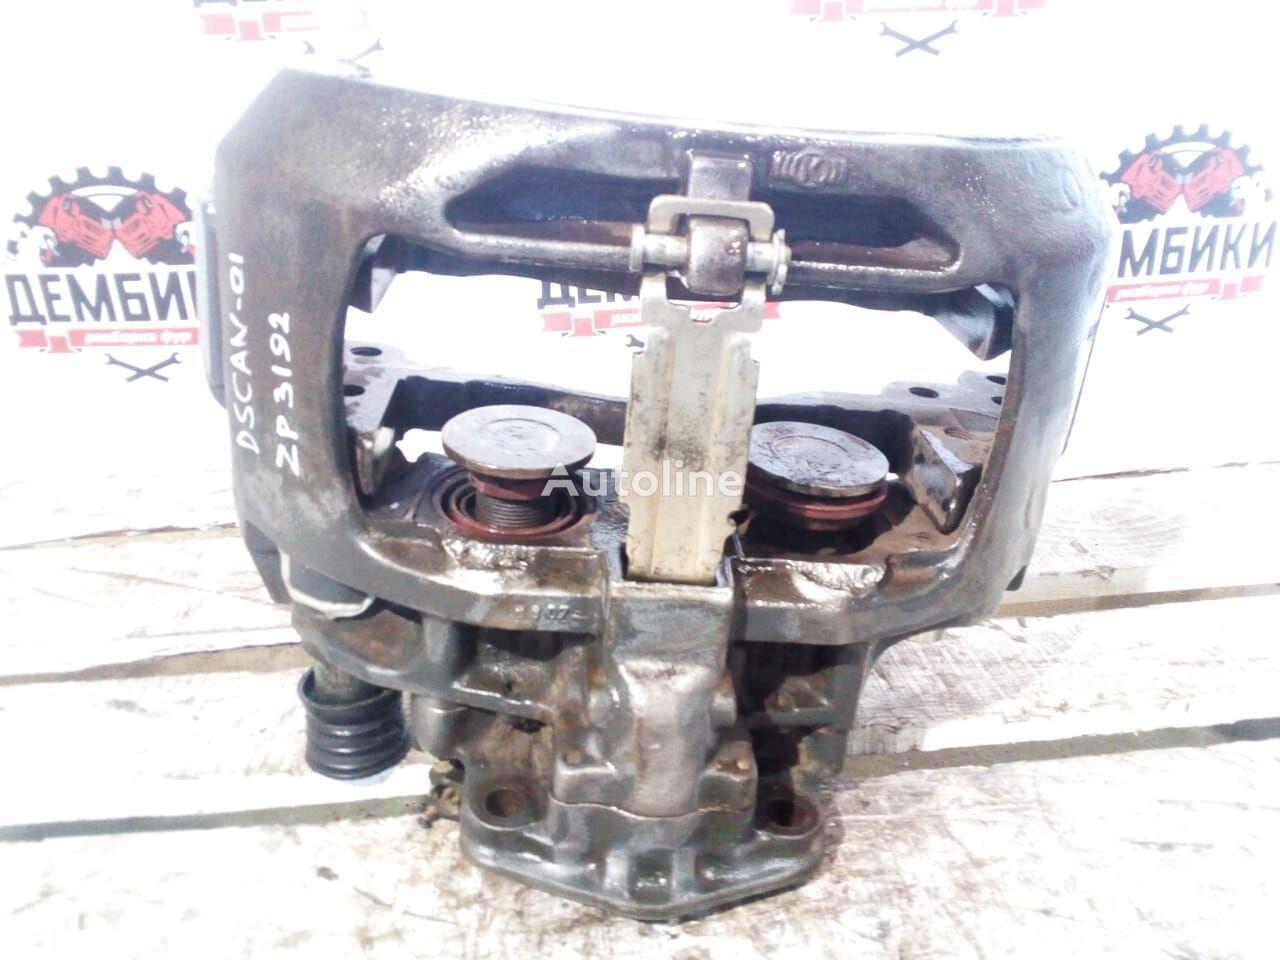 brake caliper for SCANIA R480 truck